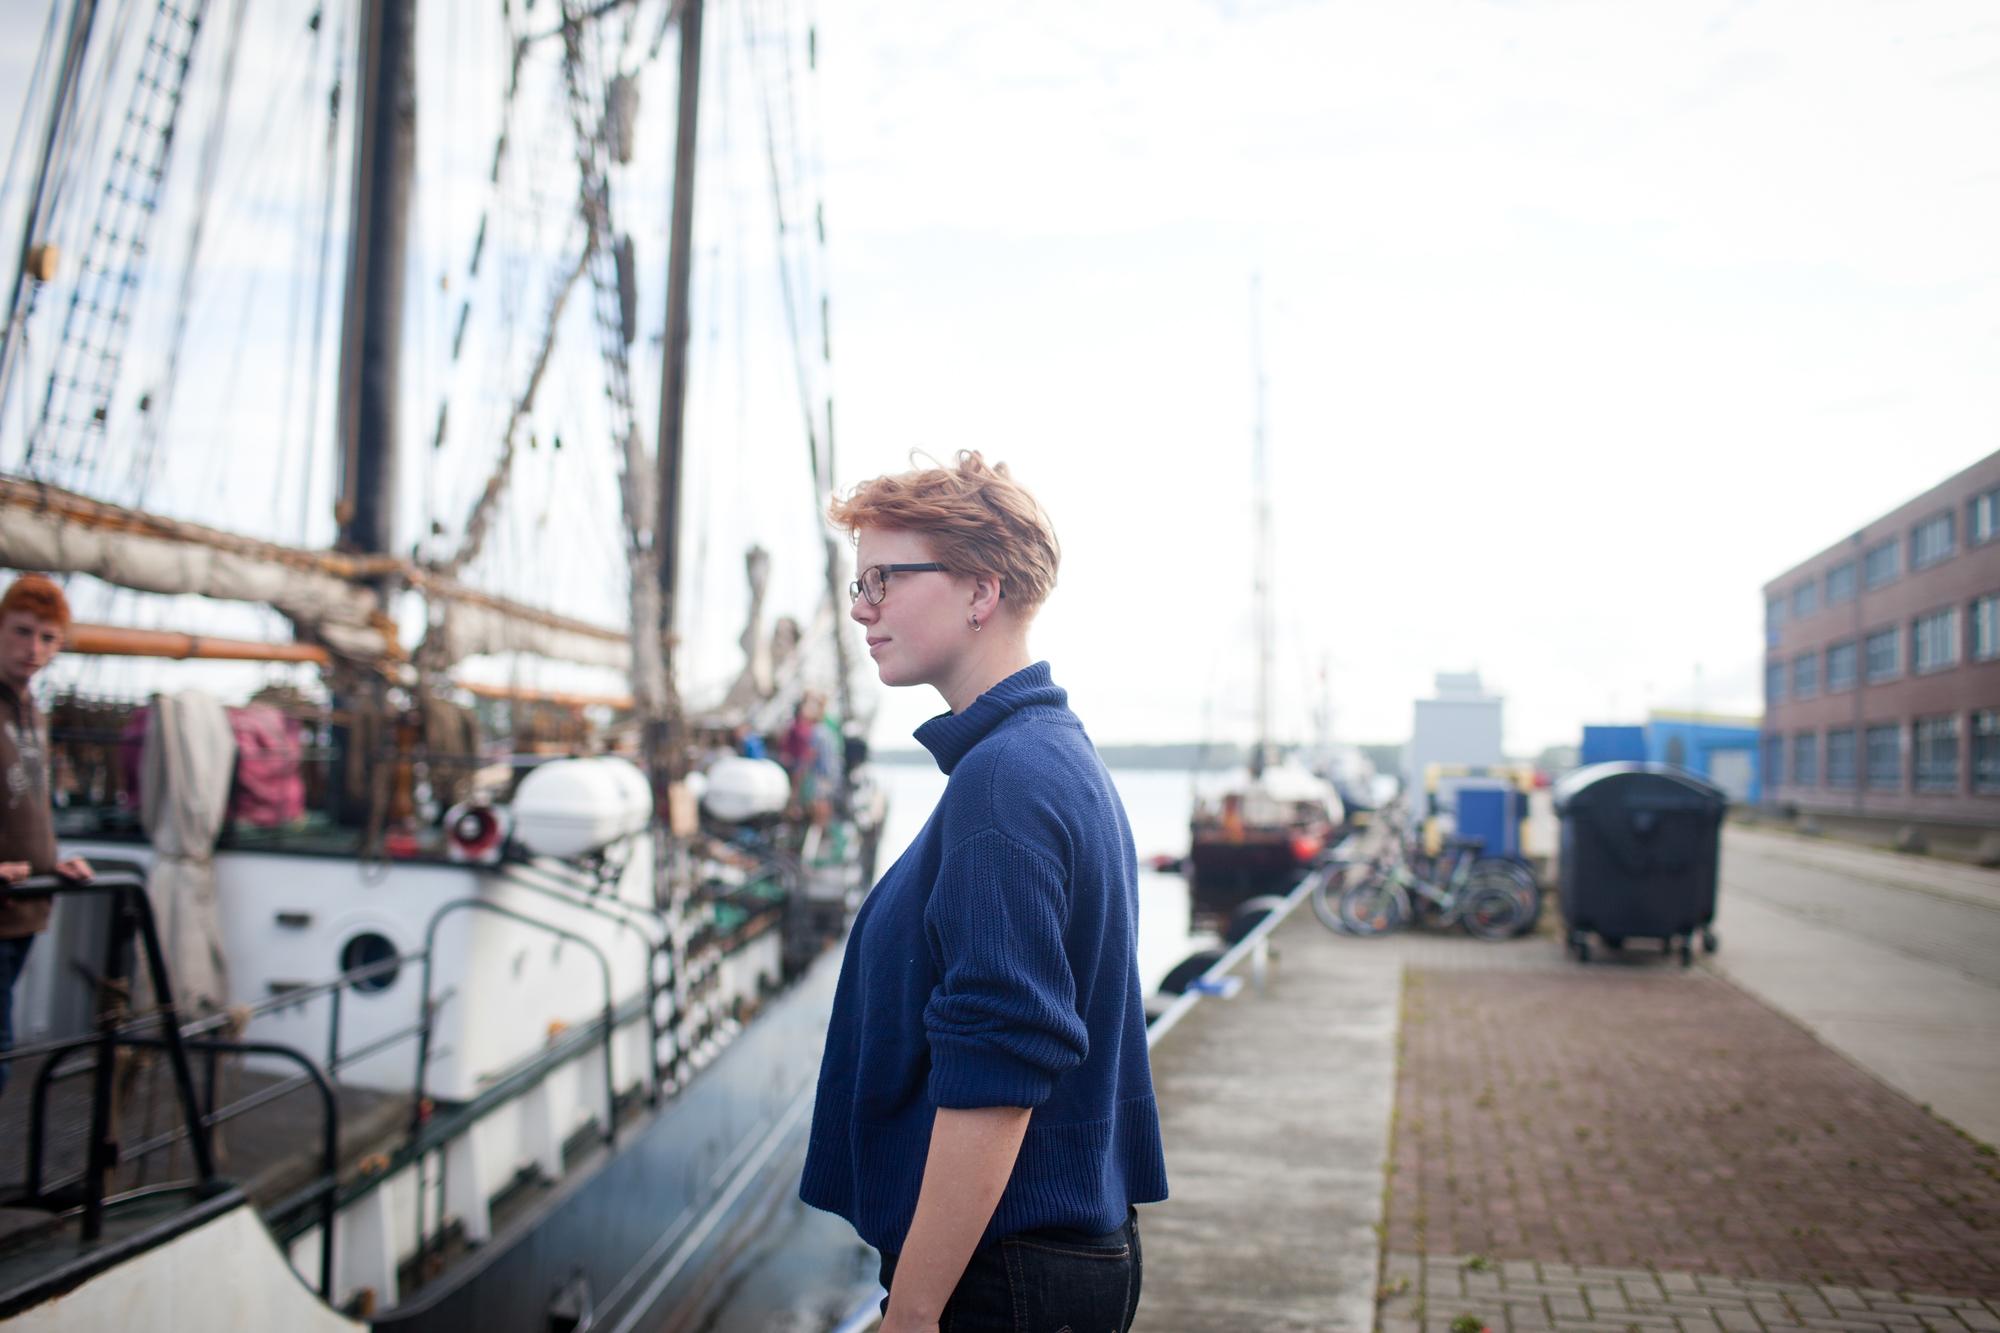 Charlotte Strauss am Anlegehafen der Fridjof Nanson in Rostock.